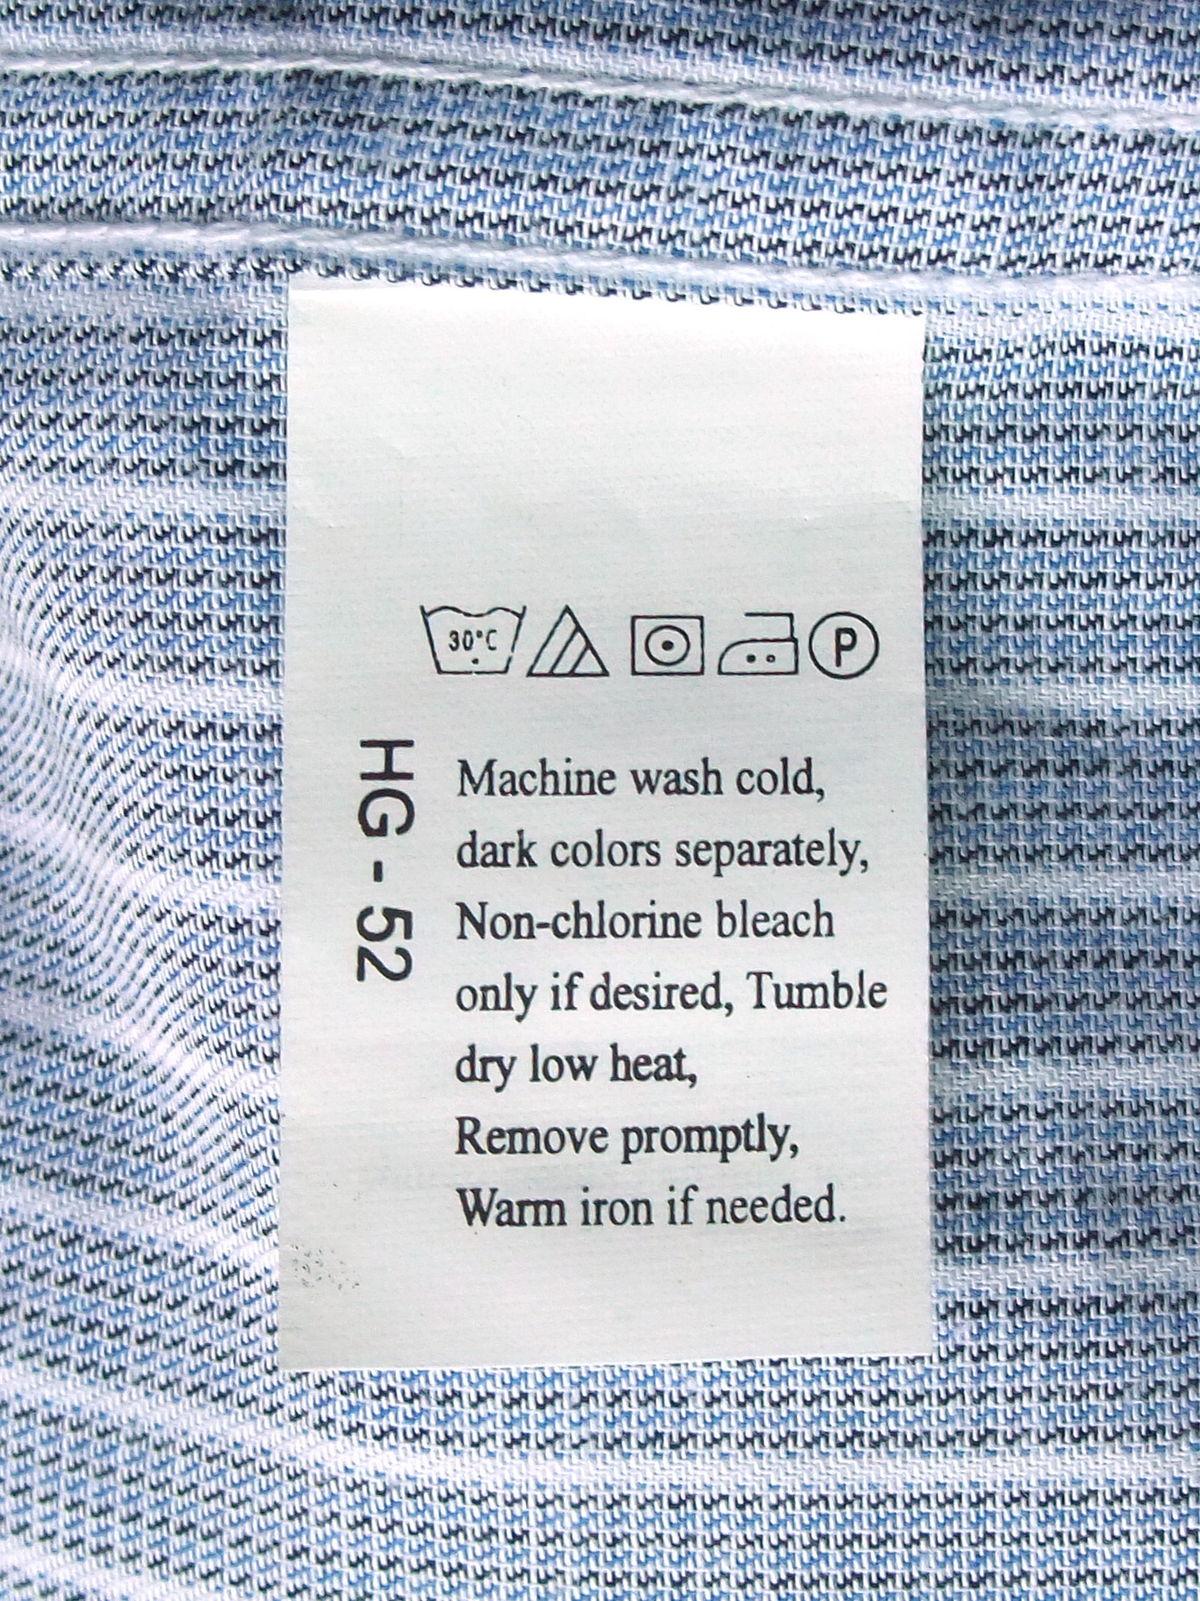 Символы по уходу за текстильными изделиями Википедия